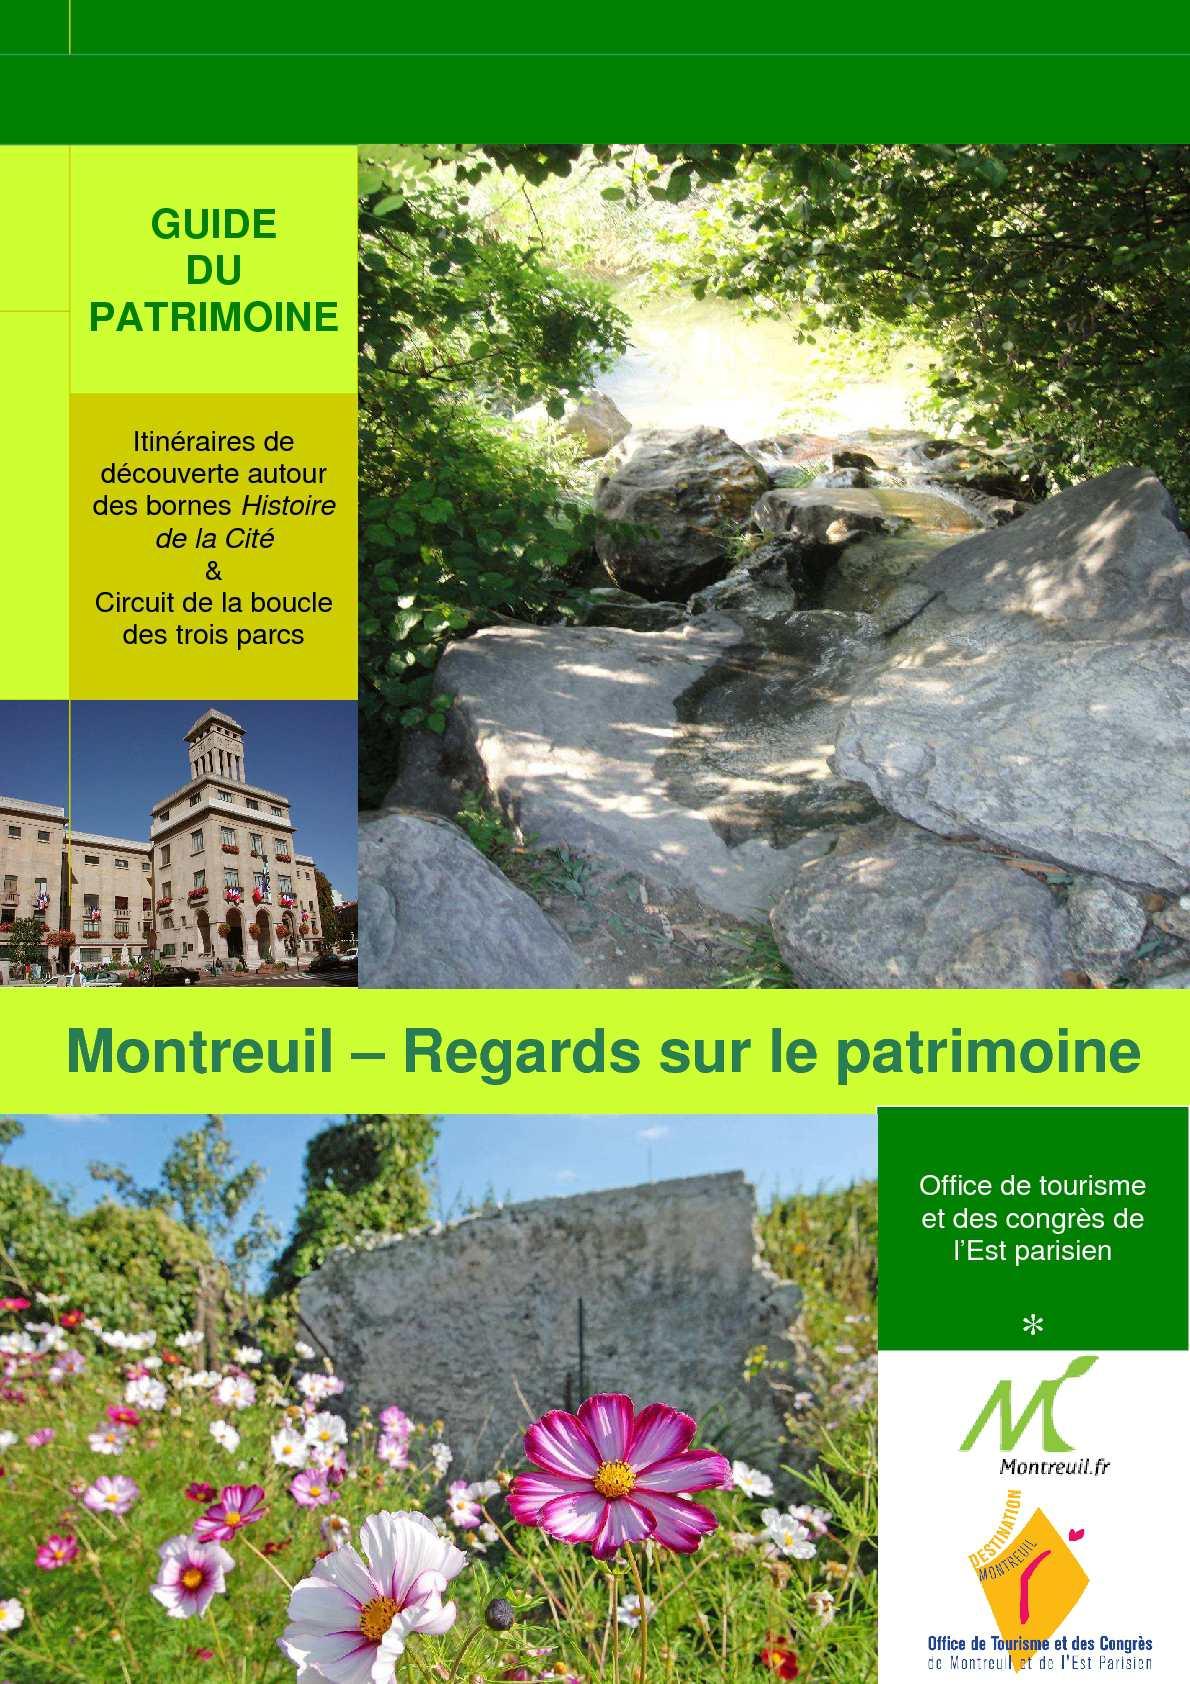 Calam o guide du patrimoine 2010 montreuil - Office de tourisme montreuil ...